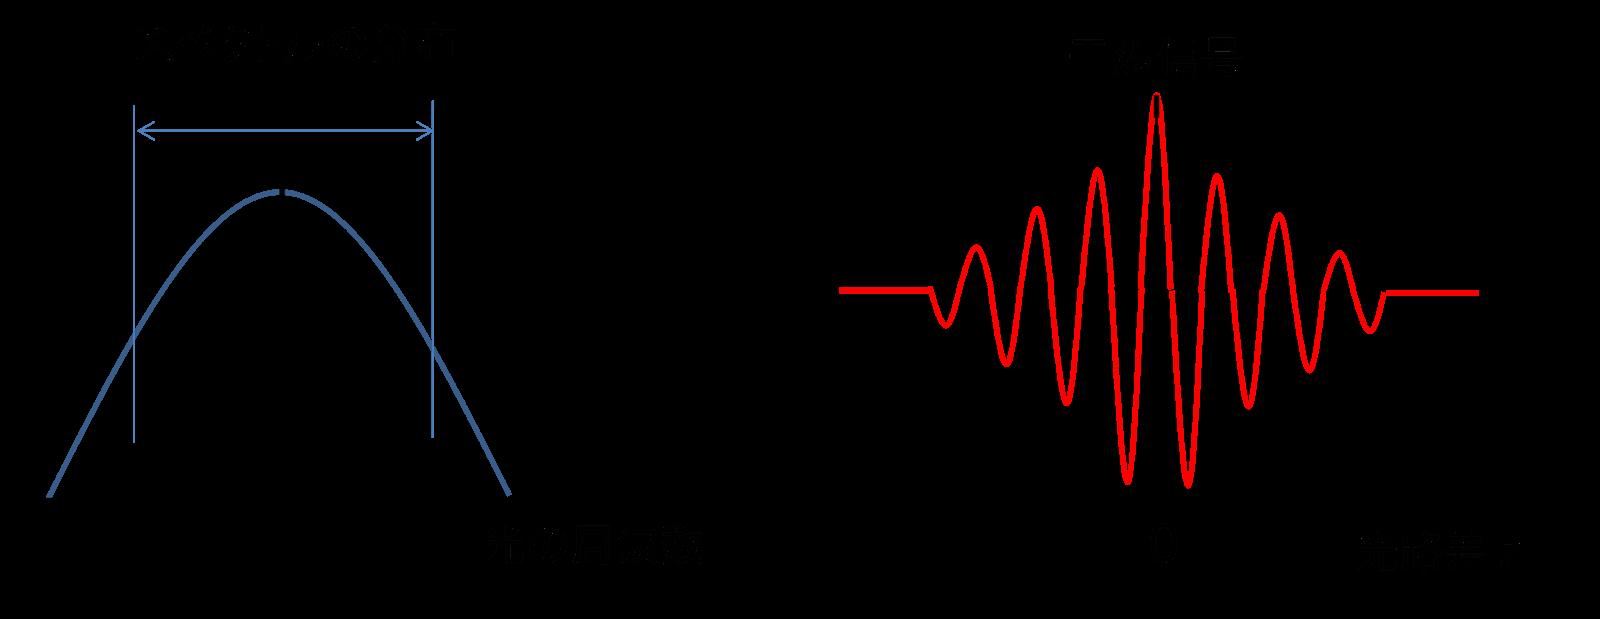 崔森悦のブログ: 干渉計測の話 ...